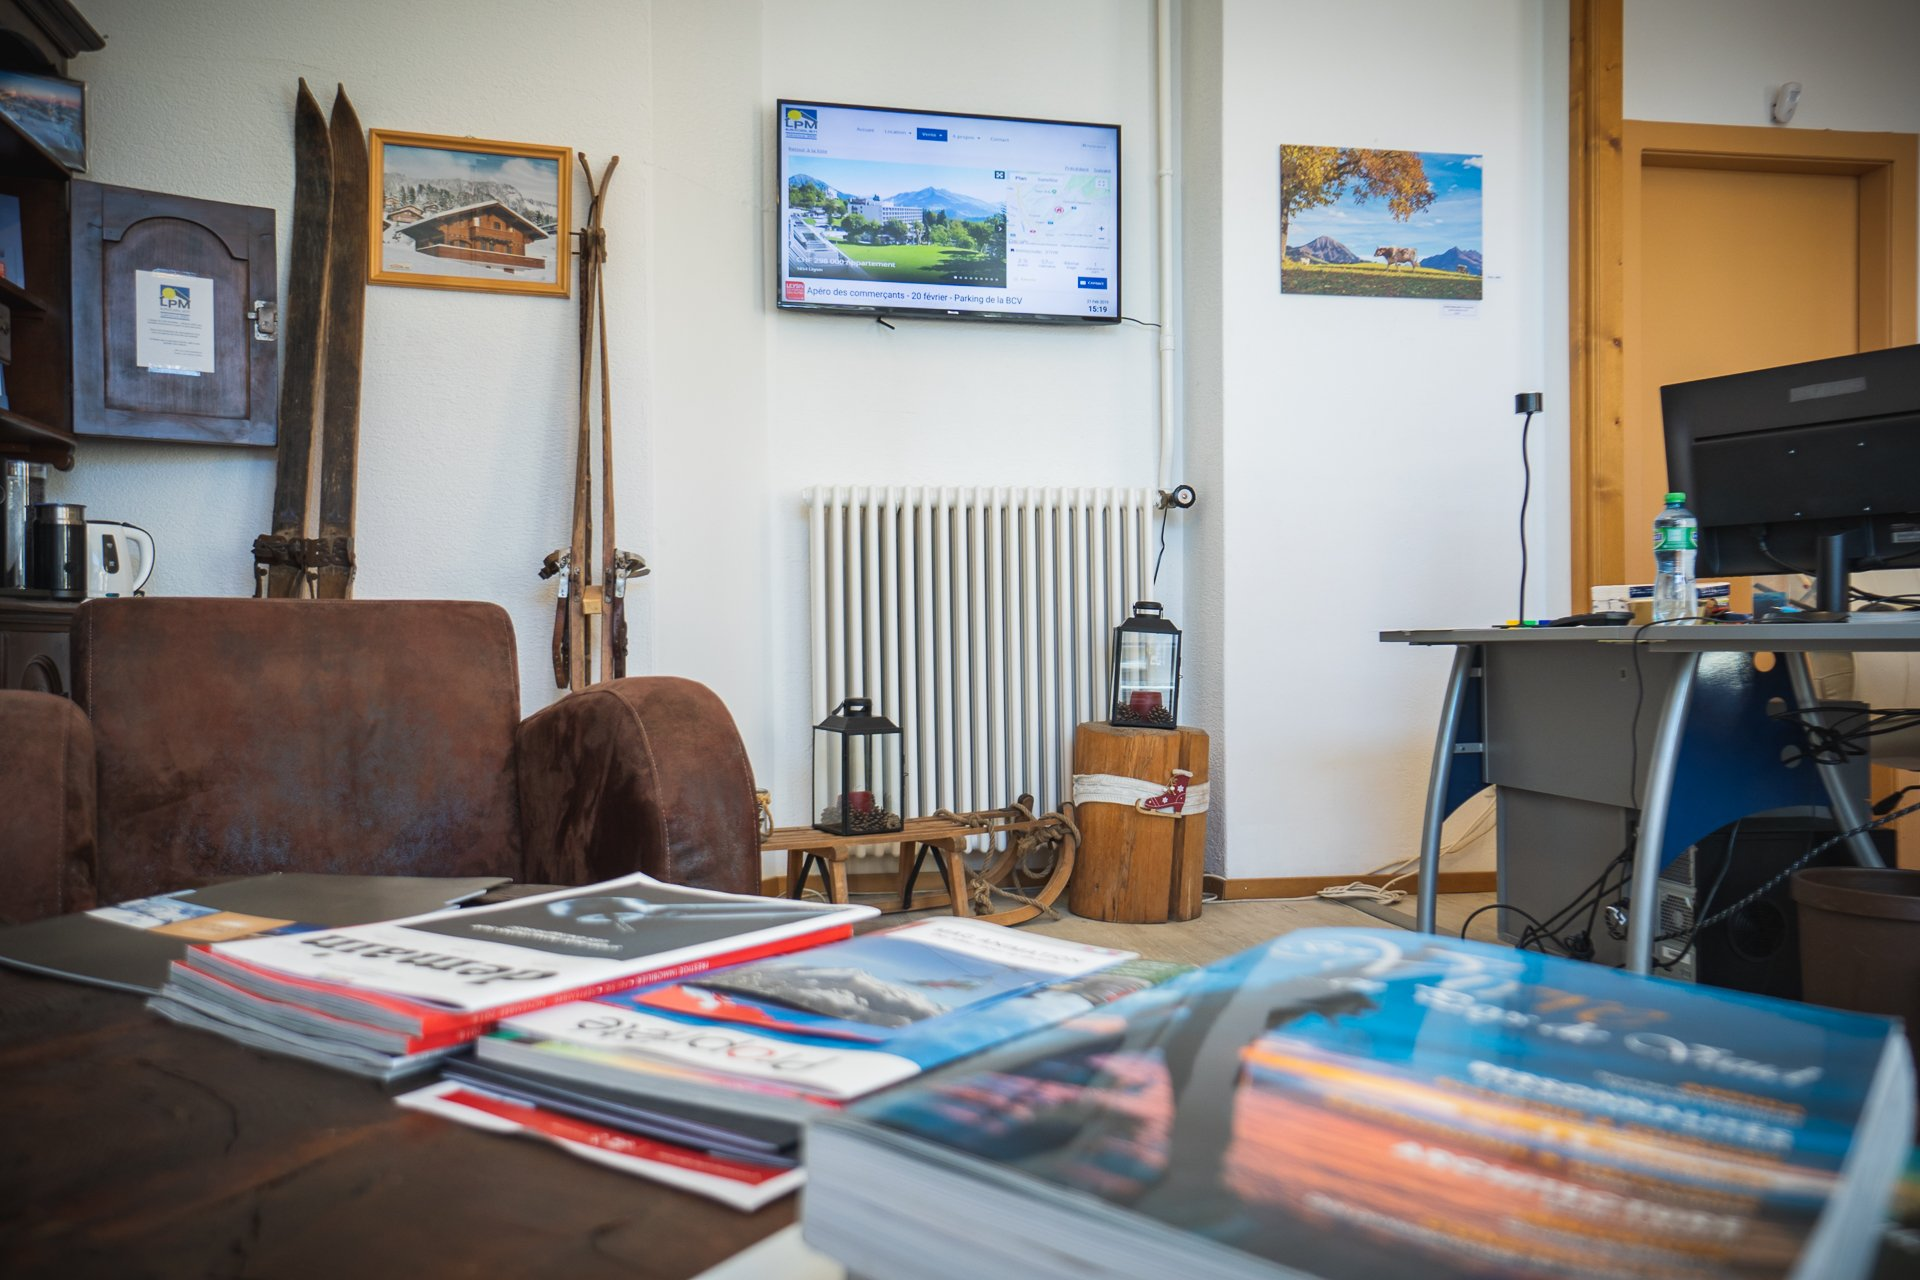 Ecran d'accueil pour agence immobilière avec digital signage. Réseau d'affichage pour région touristique par Pixium.